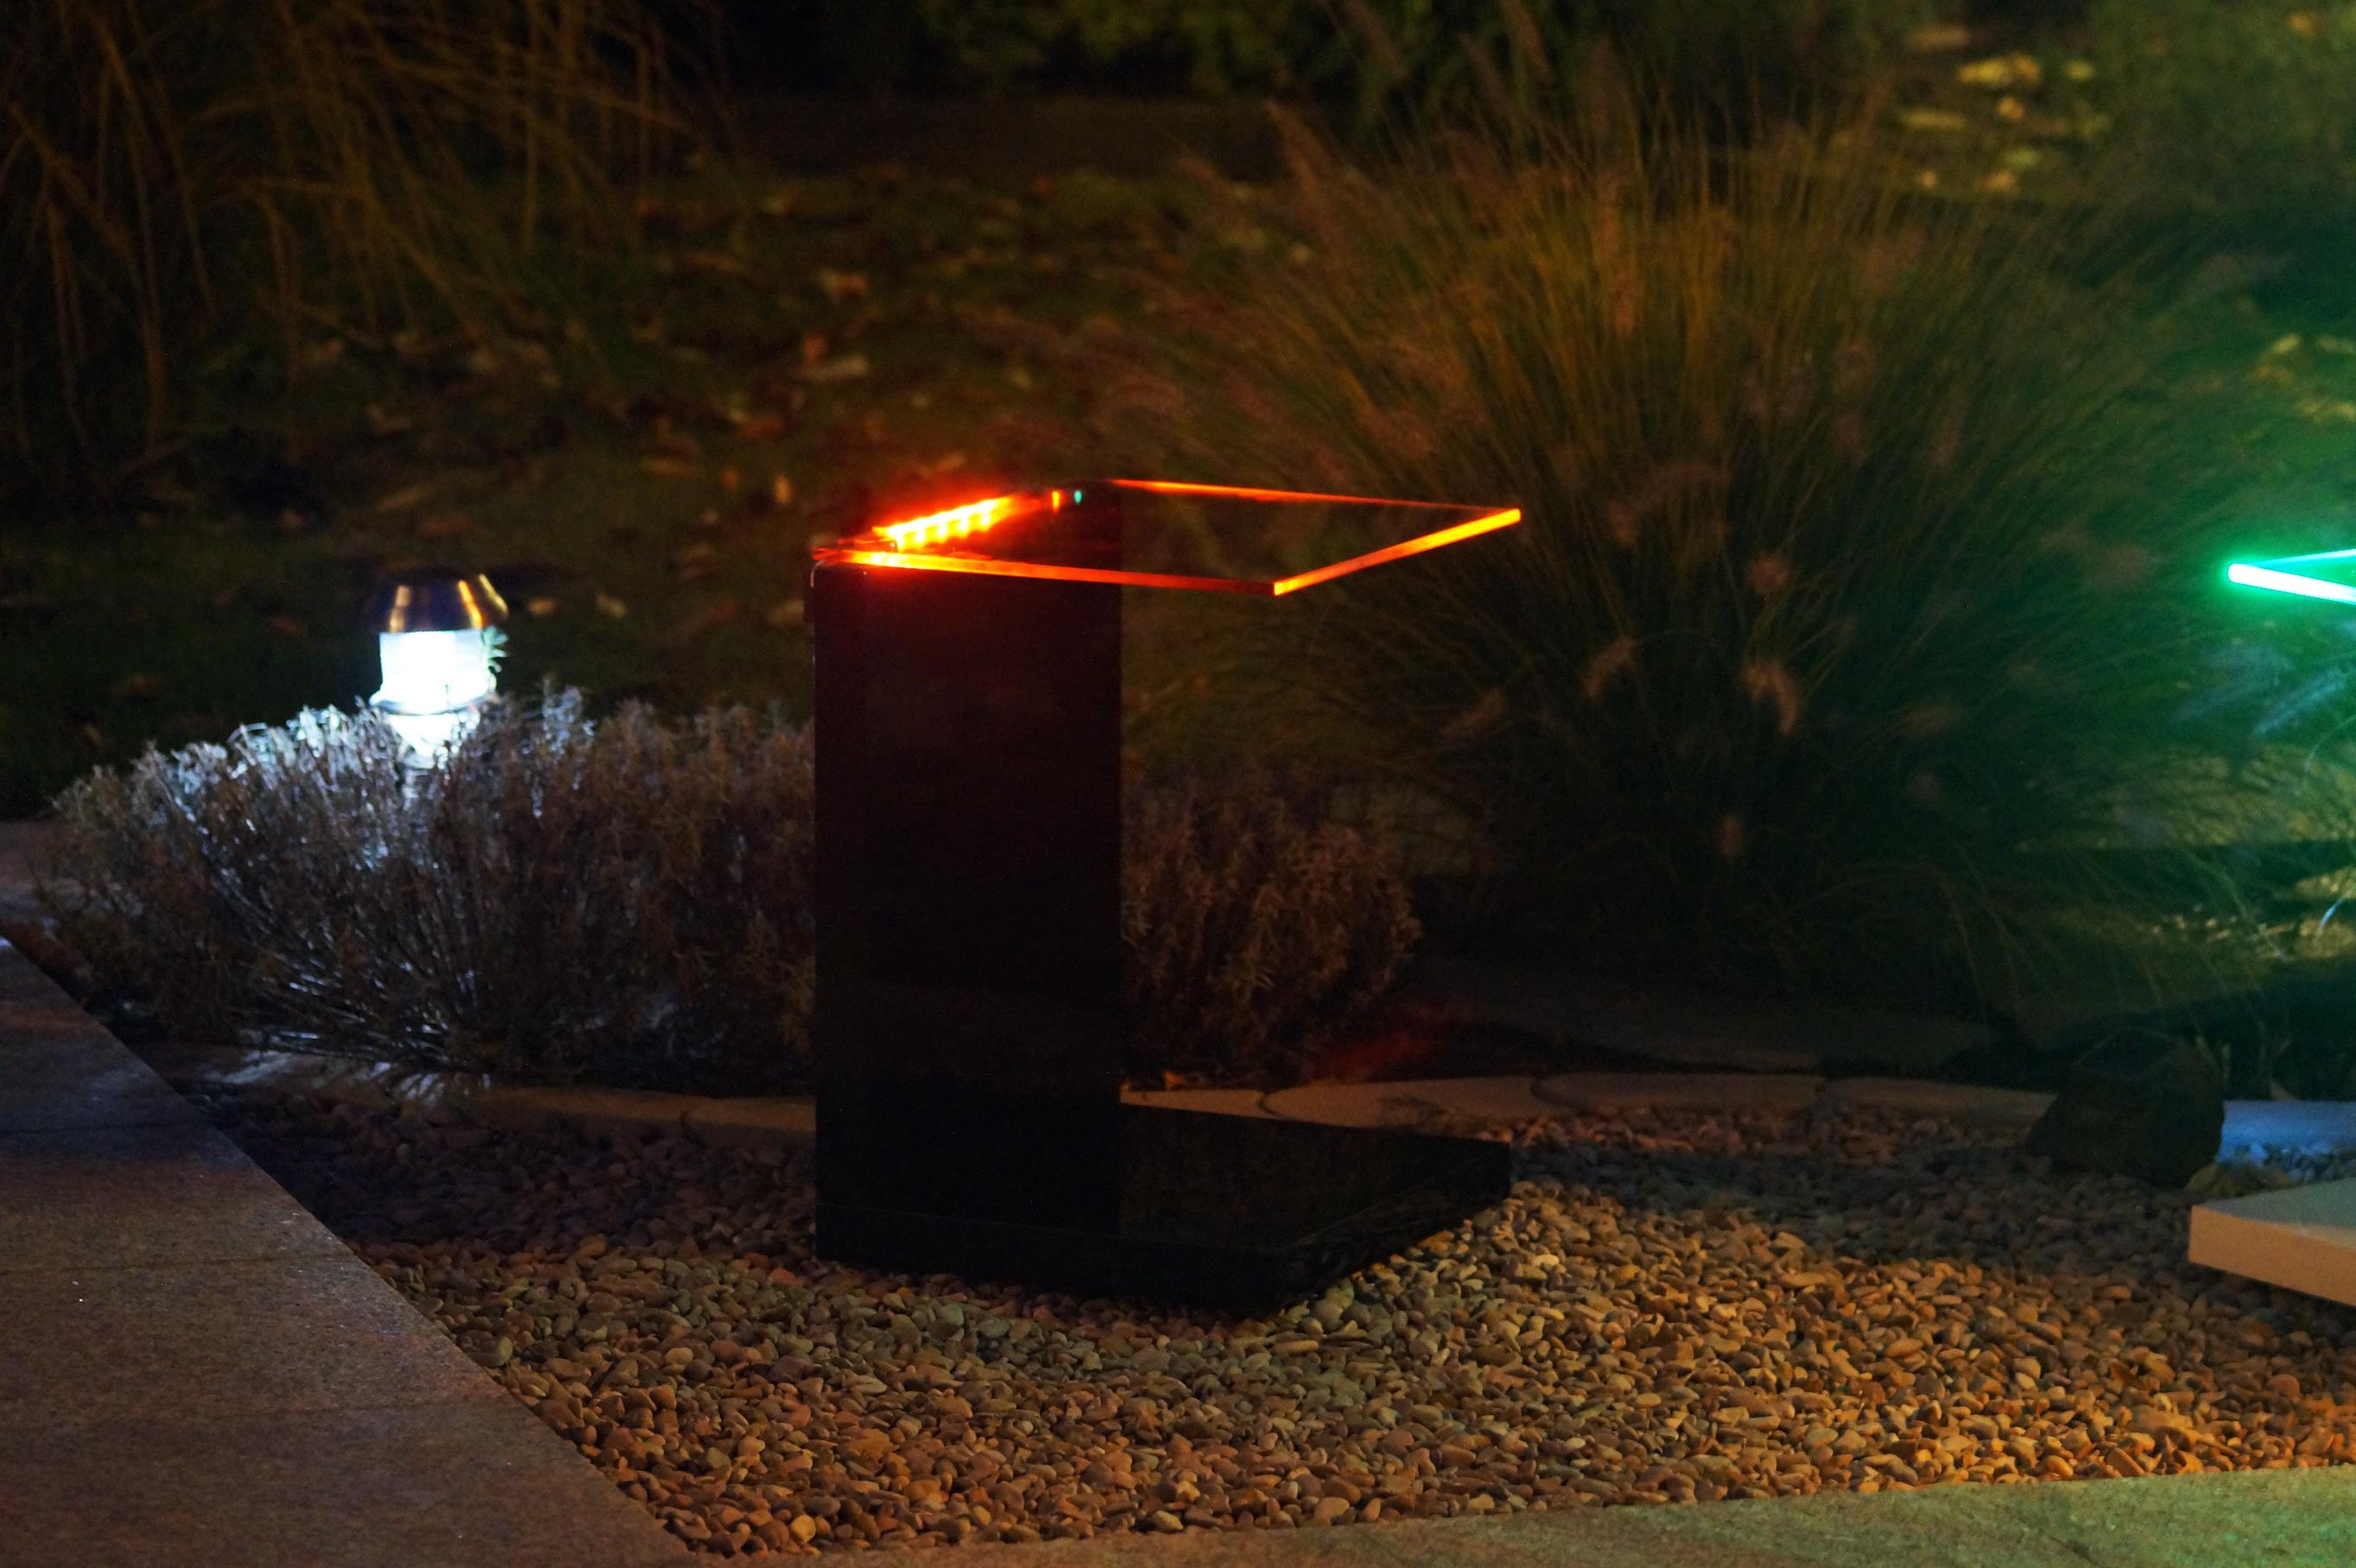 led rgb tisch glastisch beistelltisch wohnzimmertisch kabellos d angelo lights. Black Bedroom Furniture Sets. Home Design Ideas